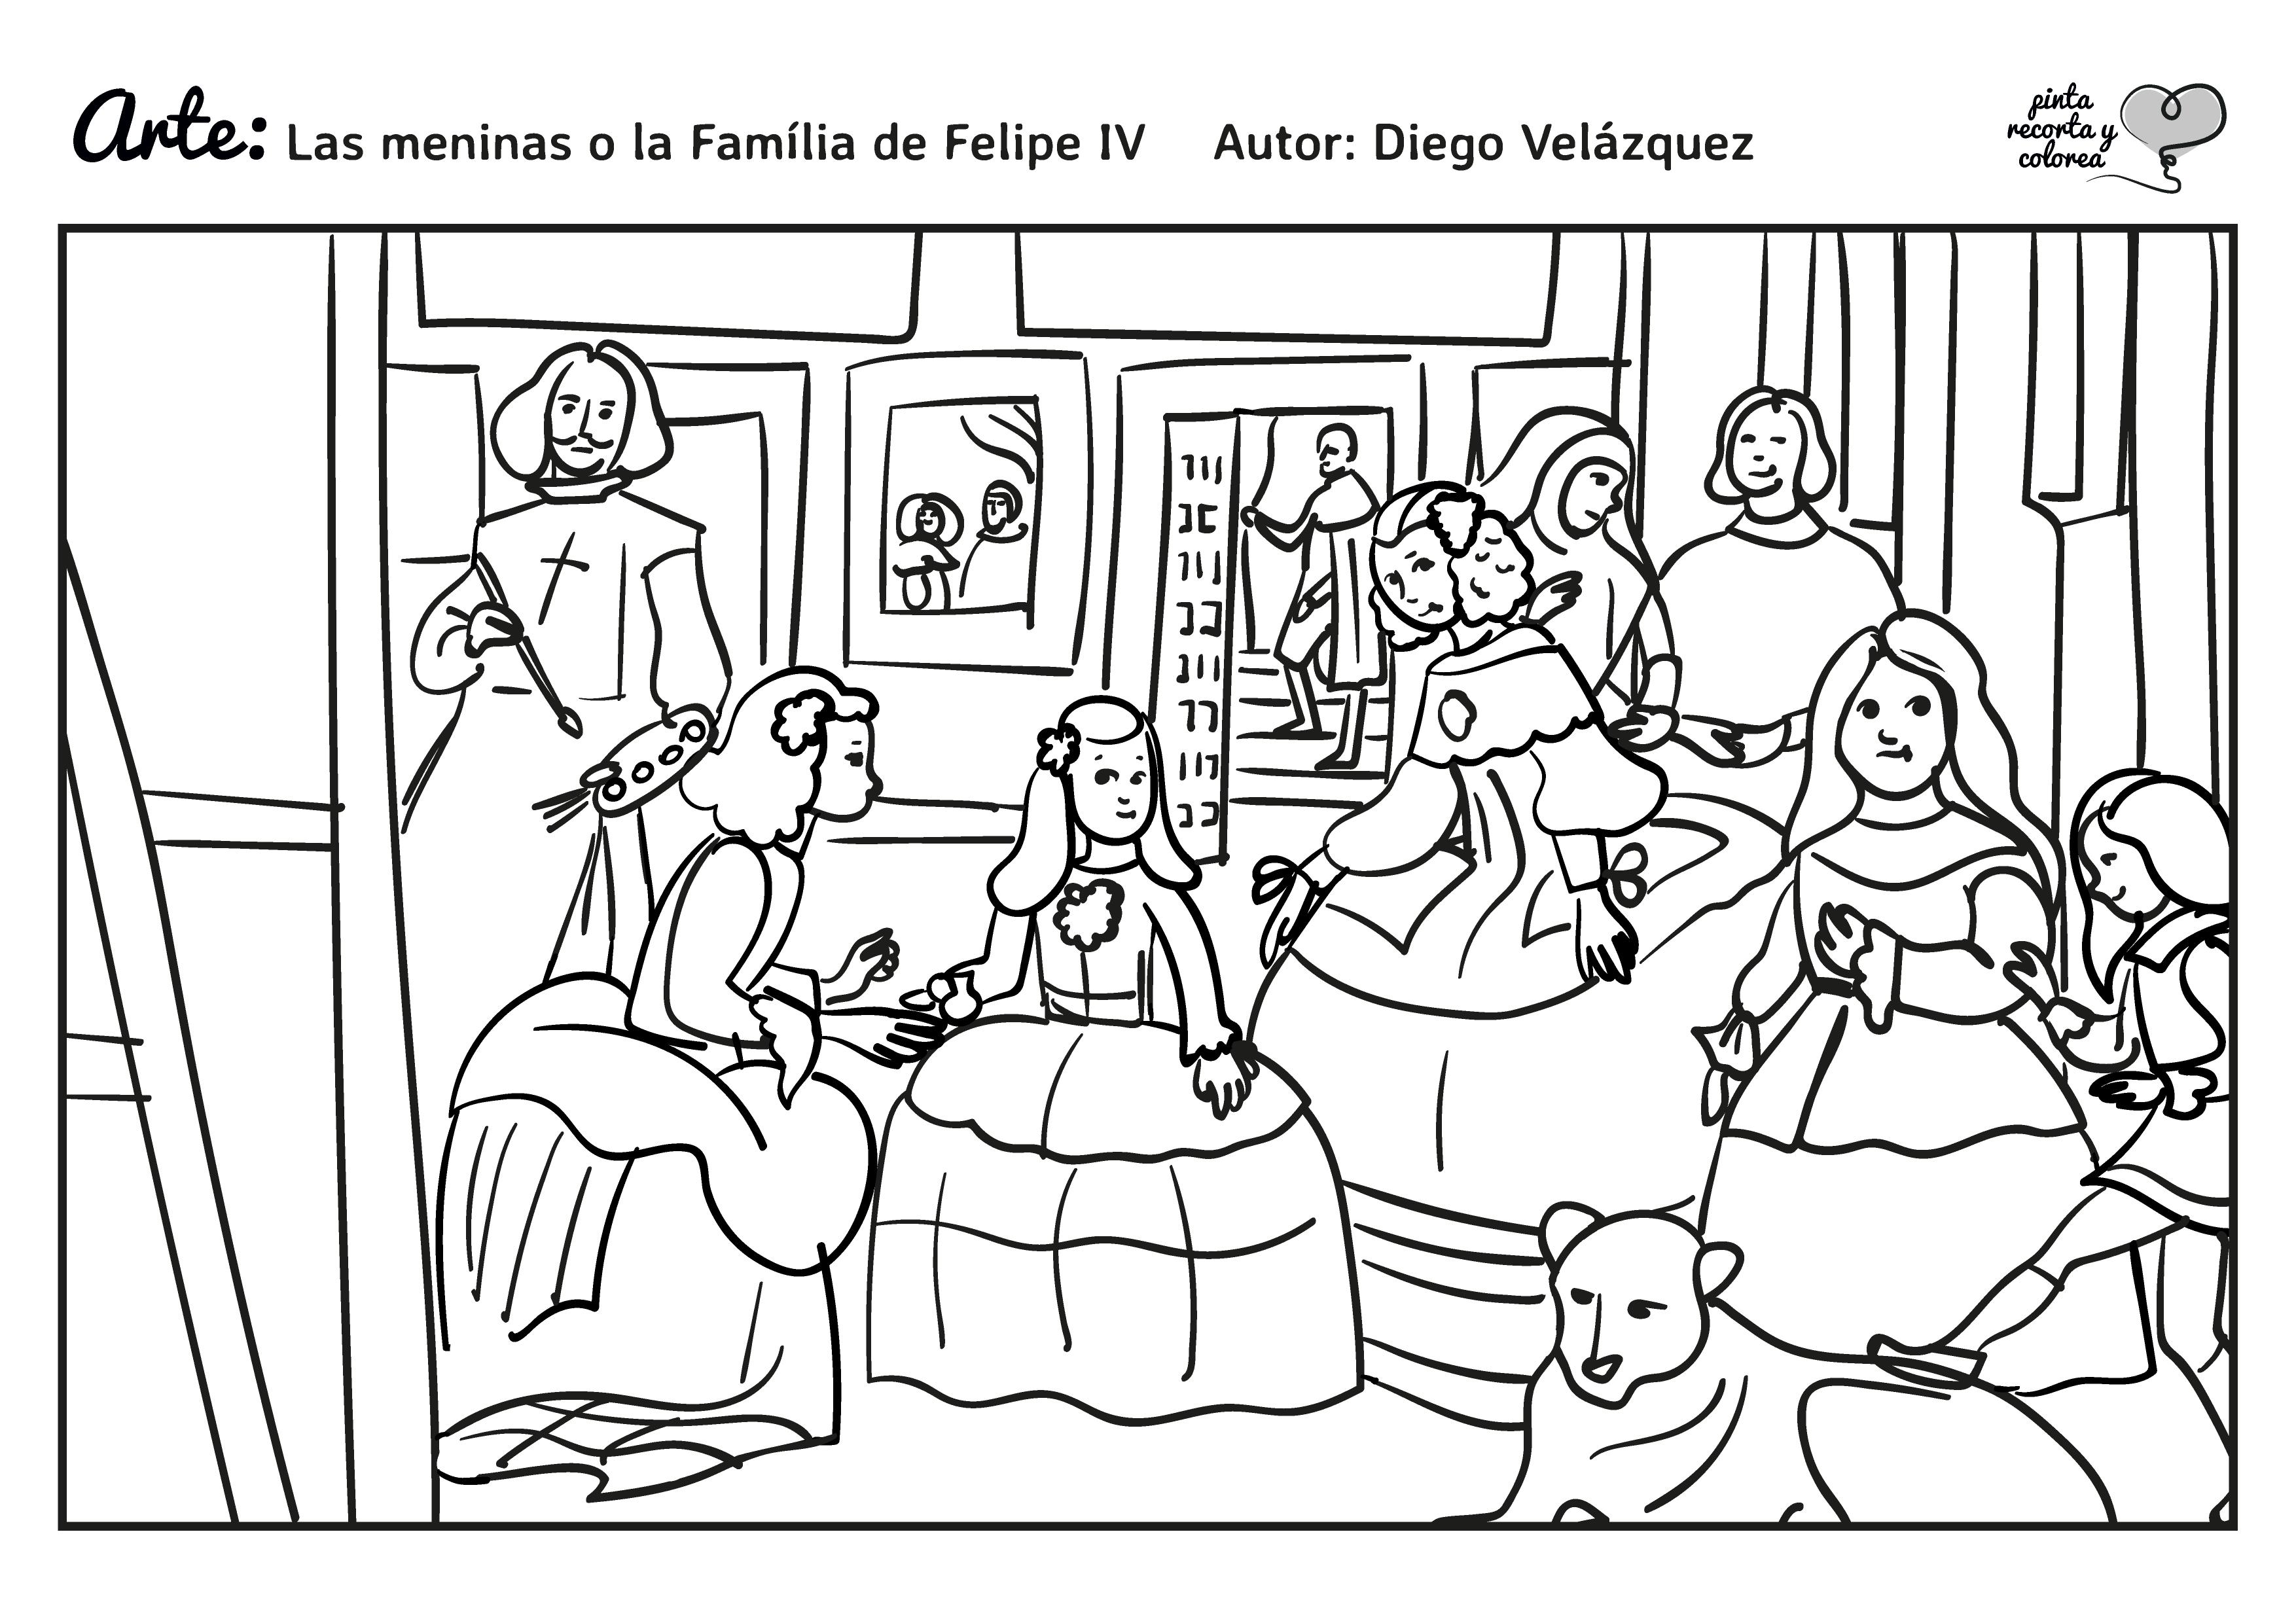 Dibujo Para Colorear Viajar: Resultado De Imagen De Dibujos De Las Meninas